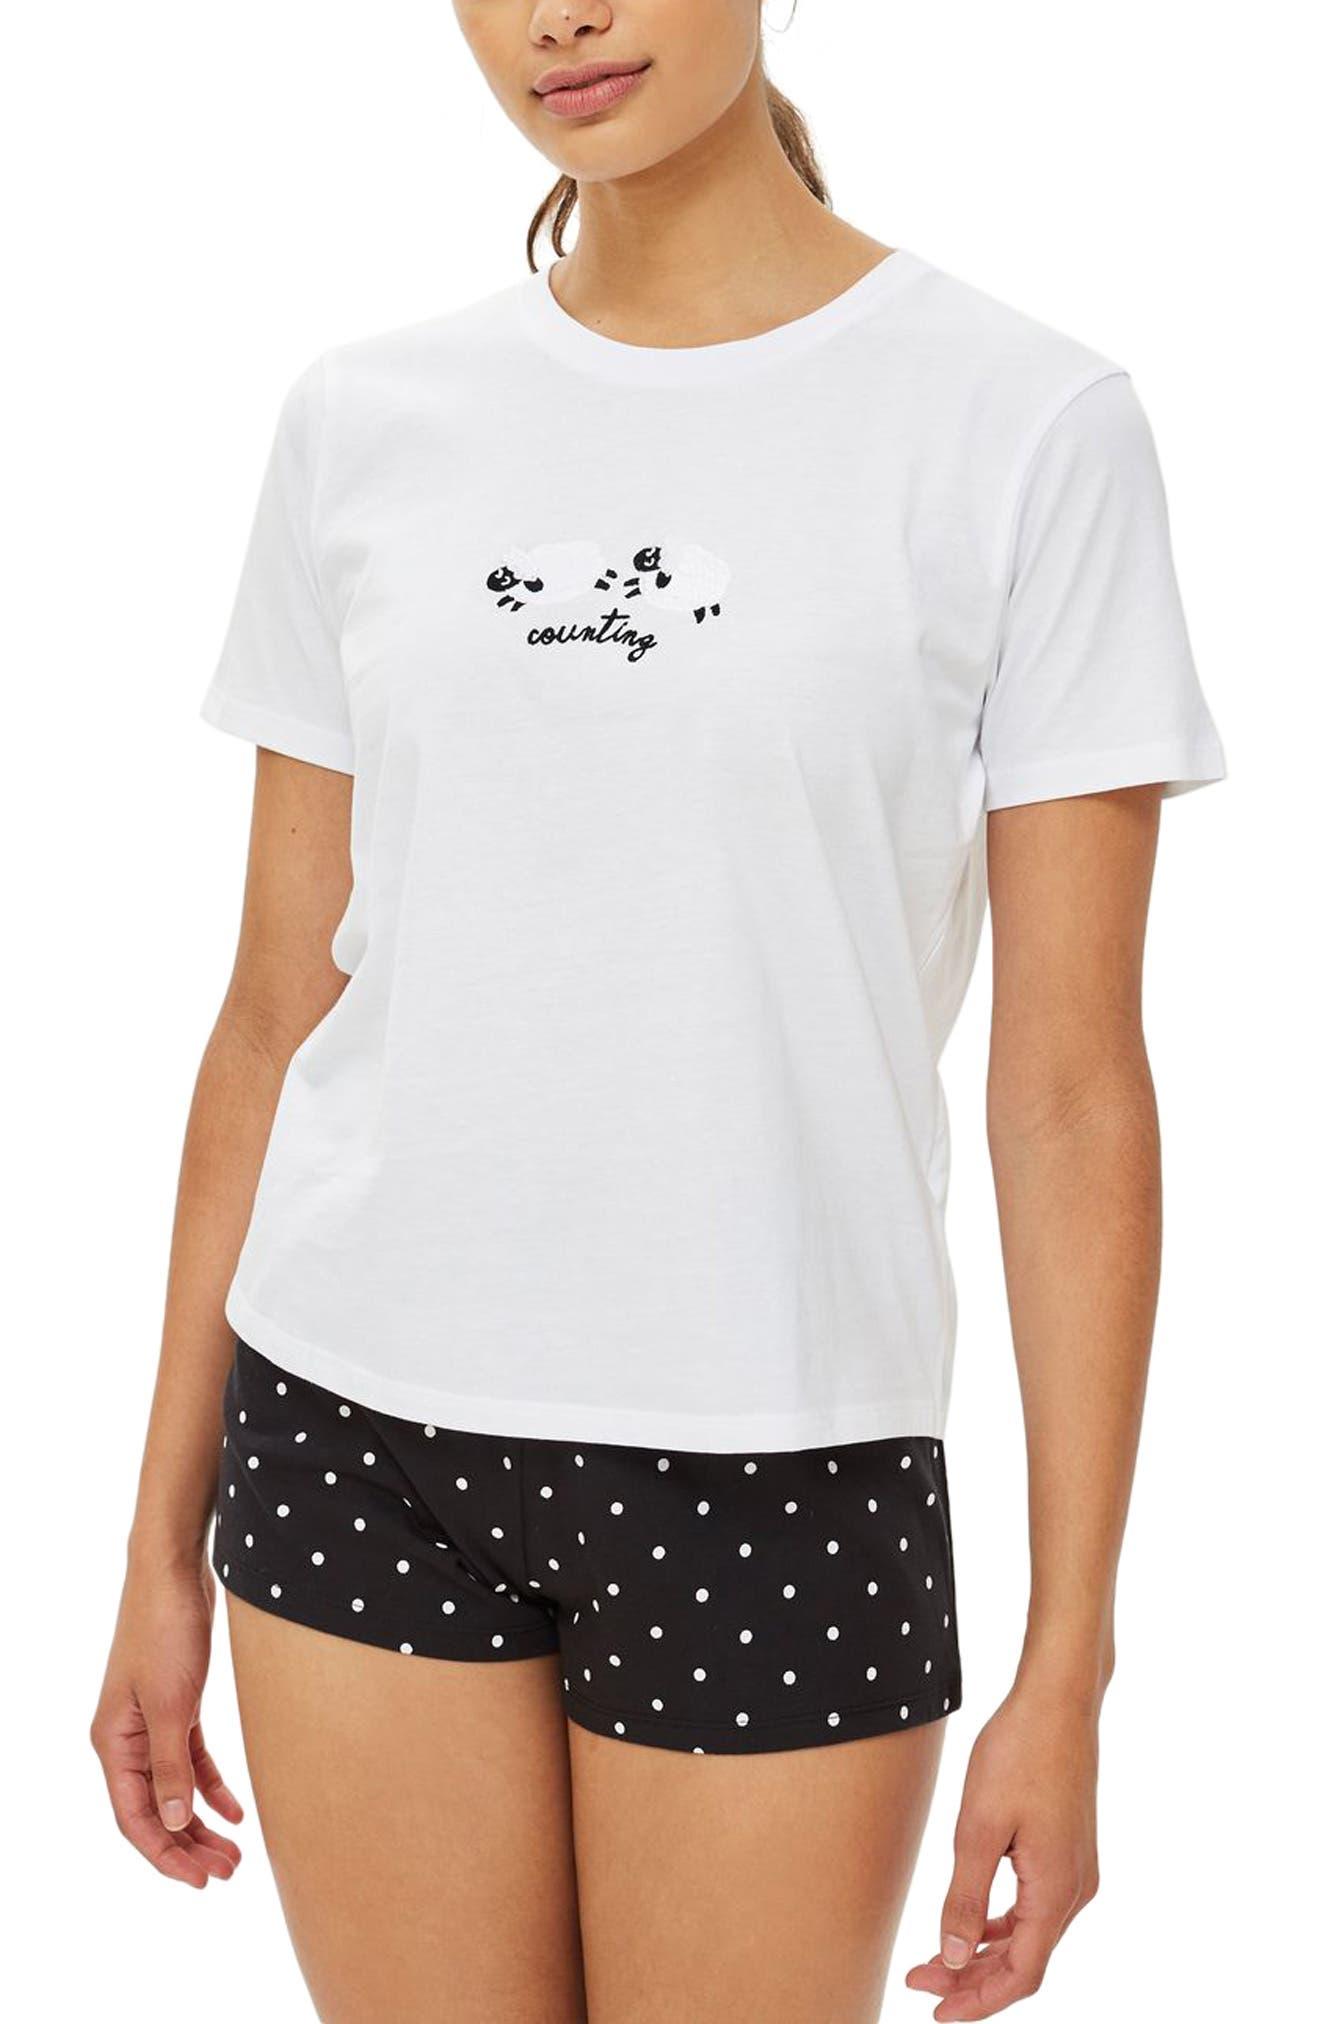 Counting Sheep Pajamas,                         Main,                         color, WHITE MULTI